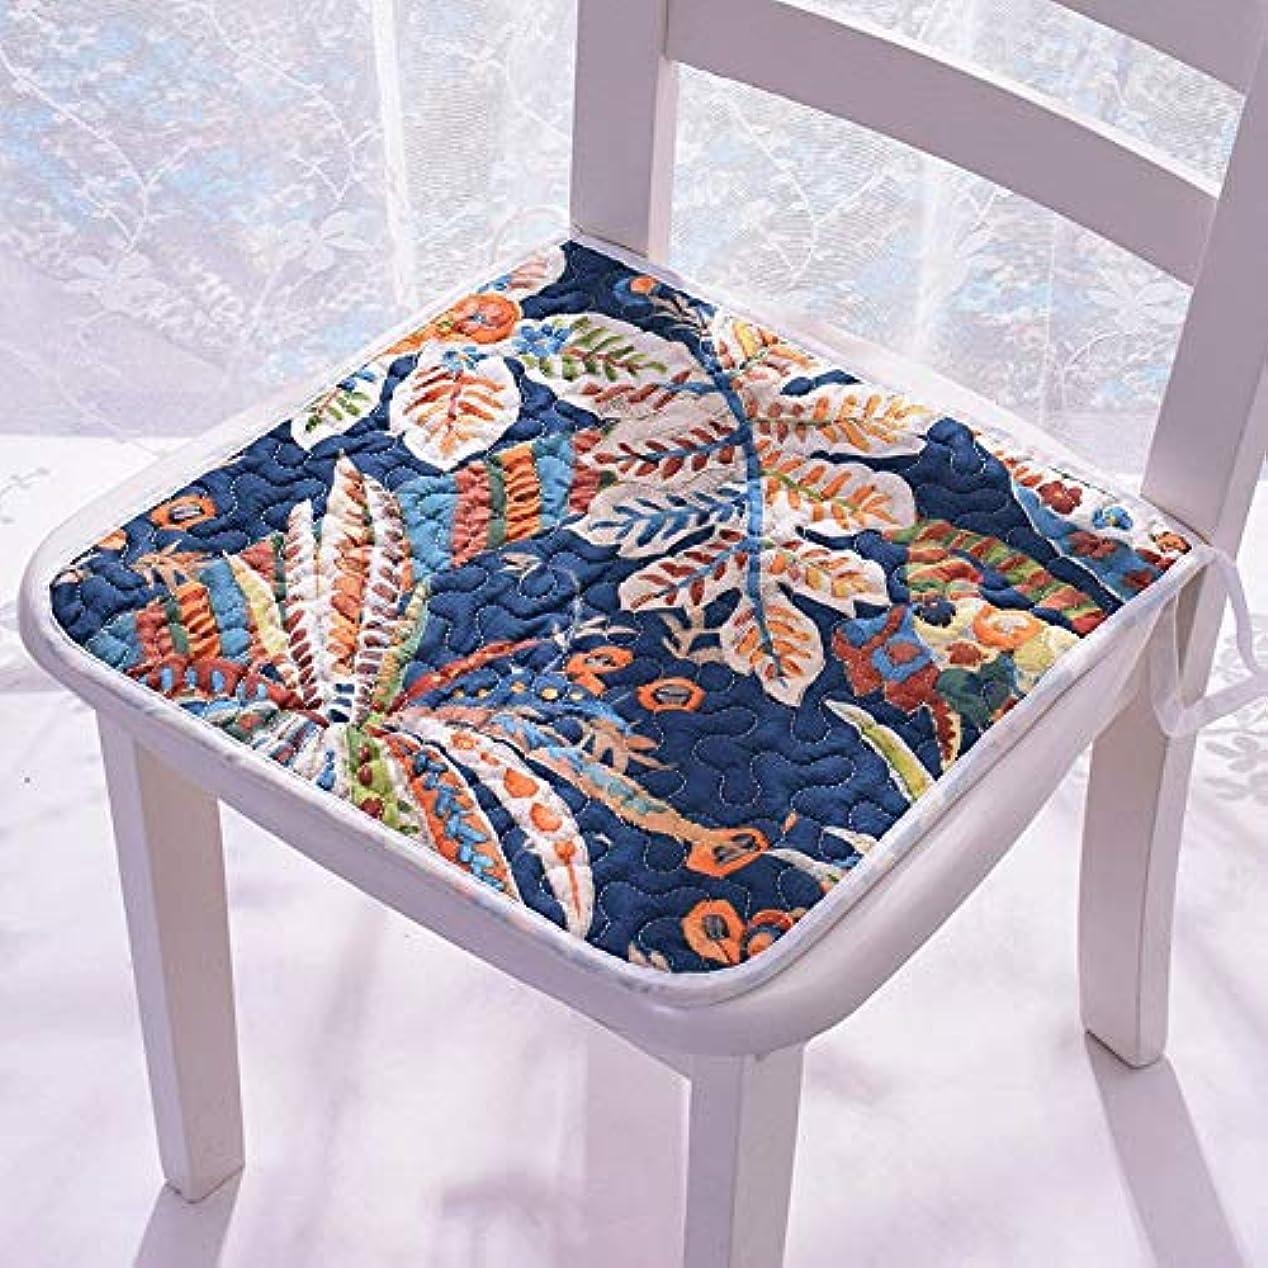 再編成する振るうチェリーLIFE 現代スーパーソフト椅子クッション非スリップシートクッションマットソファホームデコレーションバッククッションチェアパッド 40*40/45*45/50*50 センチメートル クッション 椅子